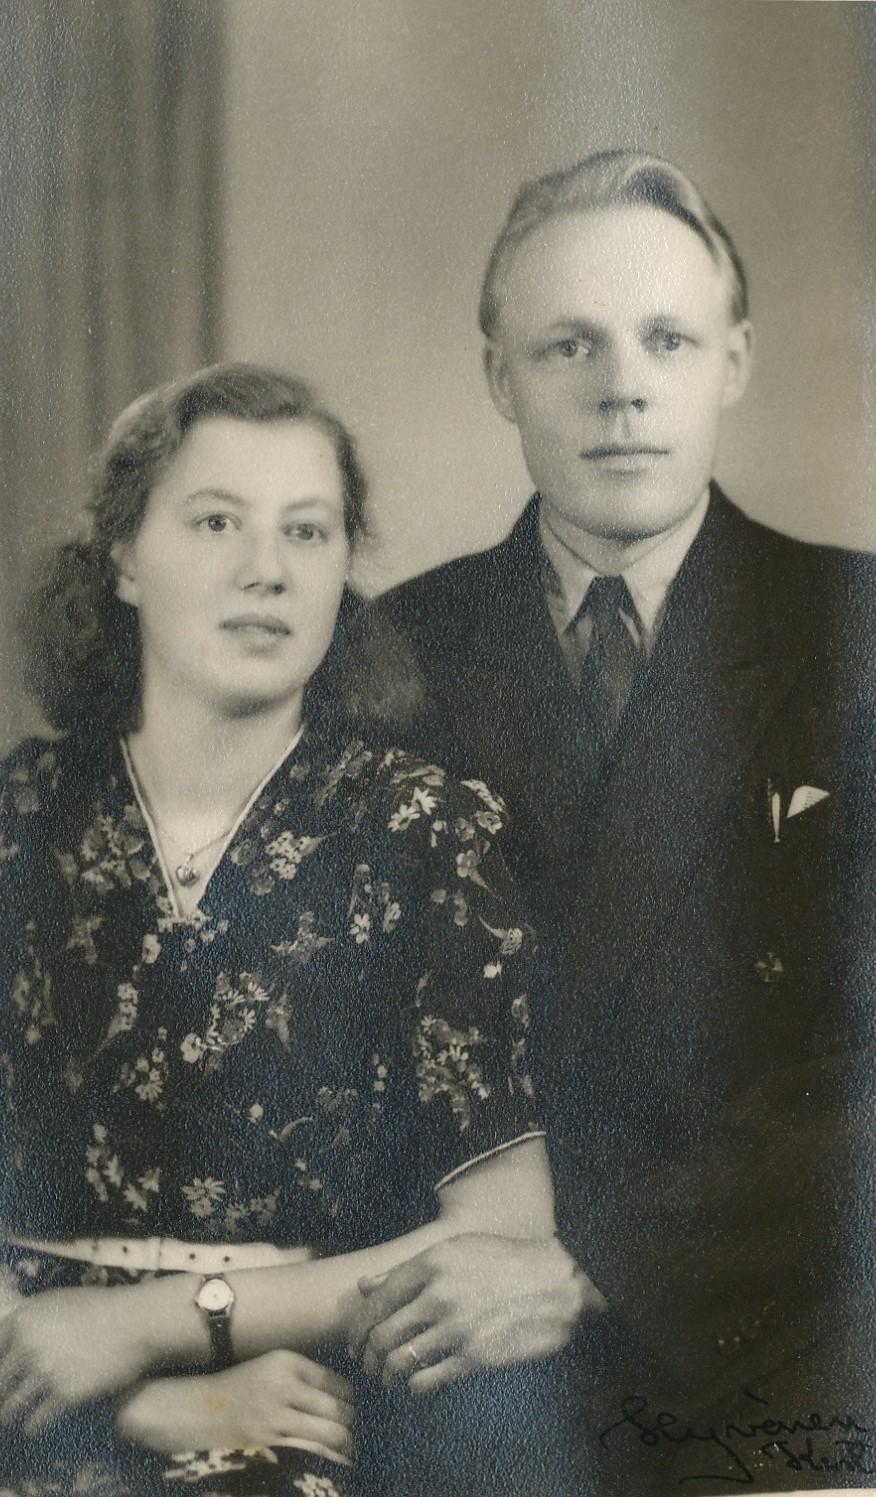 Förlovningsfoto med Lisa Blomkvist och Arvid Berglund.